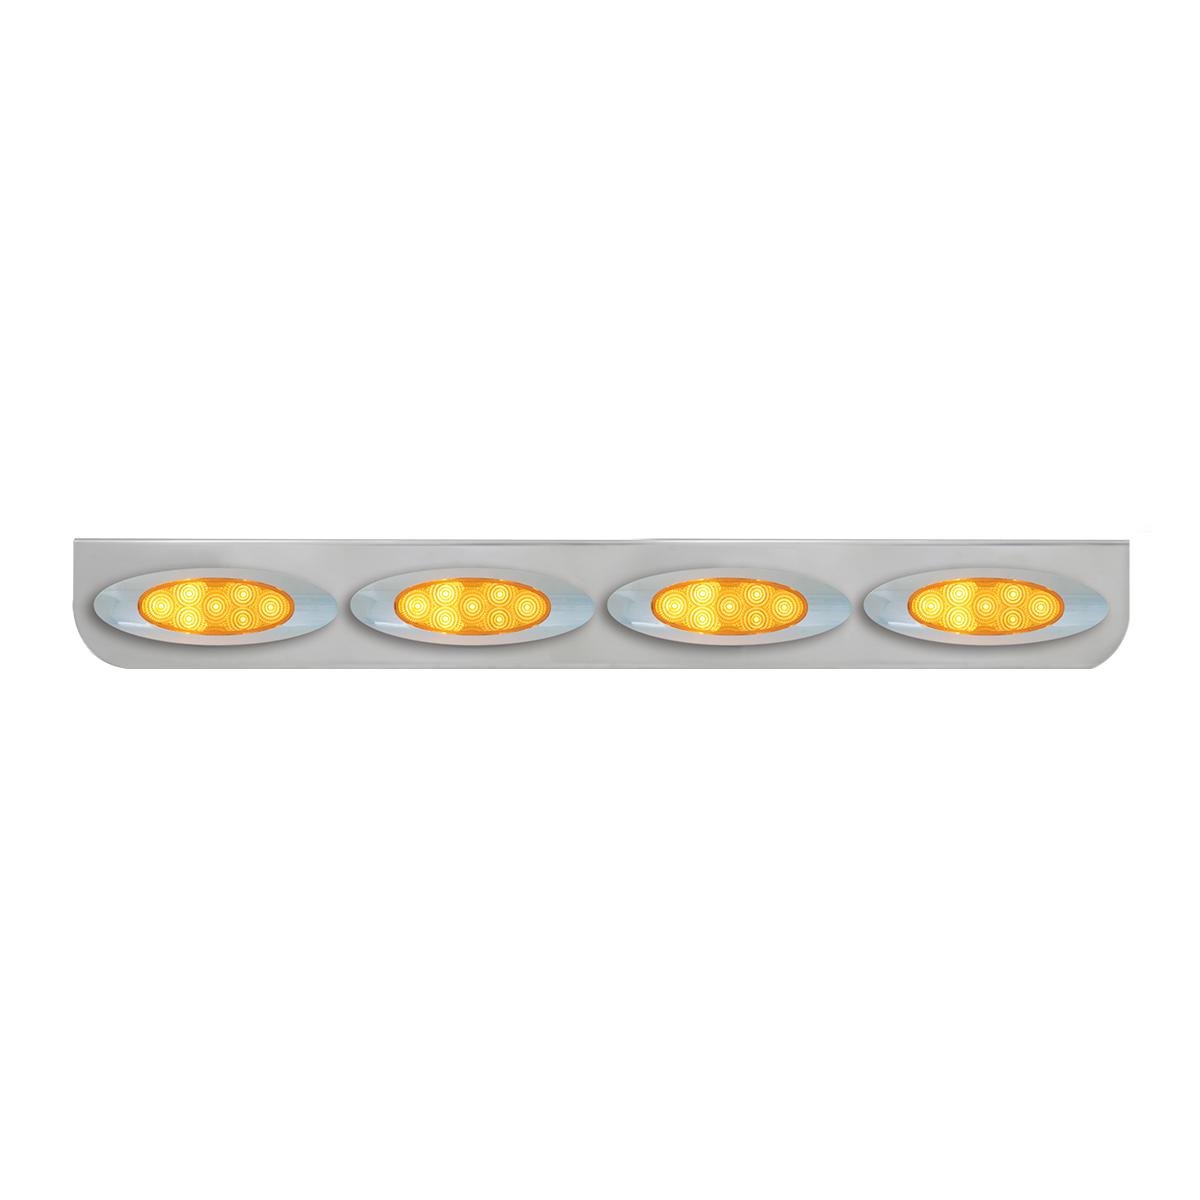 """#89086 Quadruple Stainless Steel """"L"""" Shape Light Bracket with Plug-In Y2K Spyder LED Lights"""